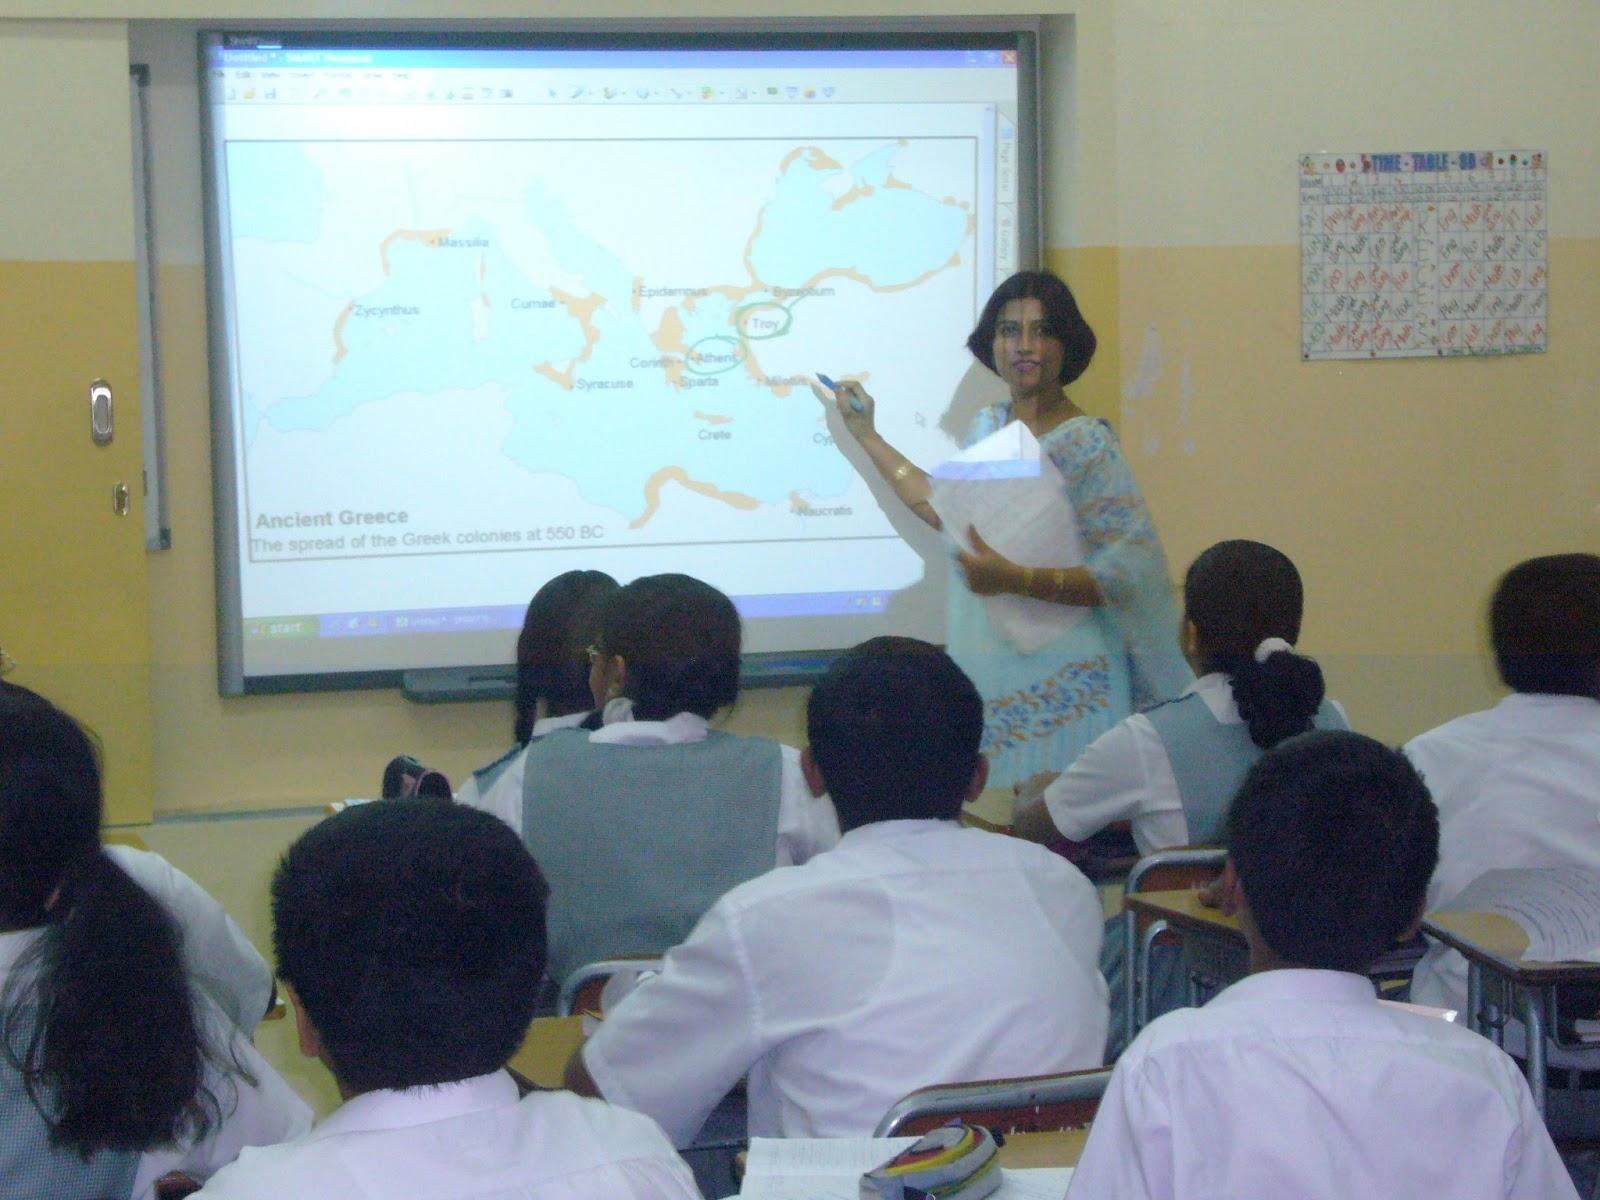 reaksyon ukol sa makabagong teknolohiya Free essays on teoryang may kaugnay sa pananaliksik ng makabagong teknolohiya for grap para sa pananaliksik sa mga pananaw at saloobin ukol sa administrasyong.